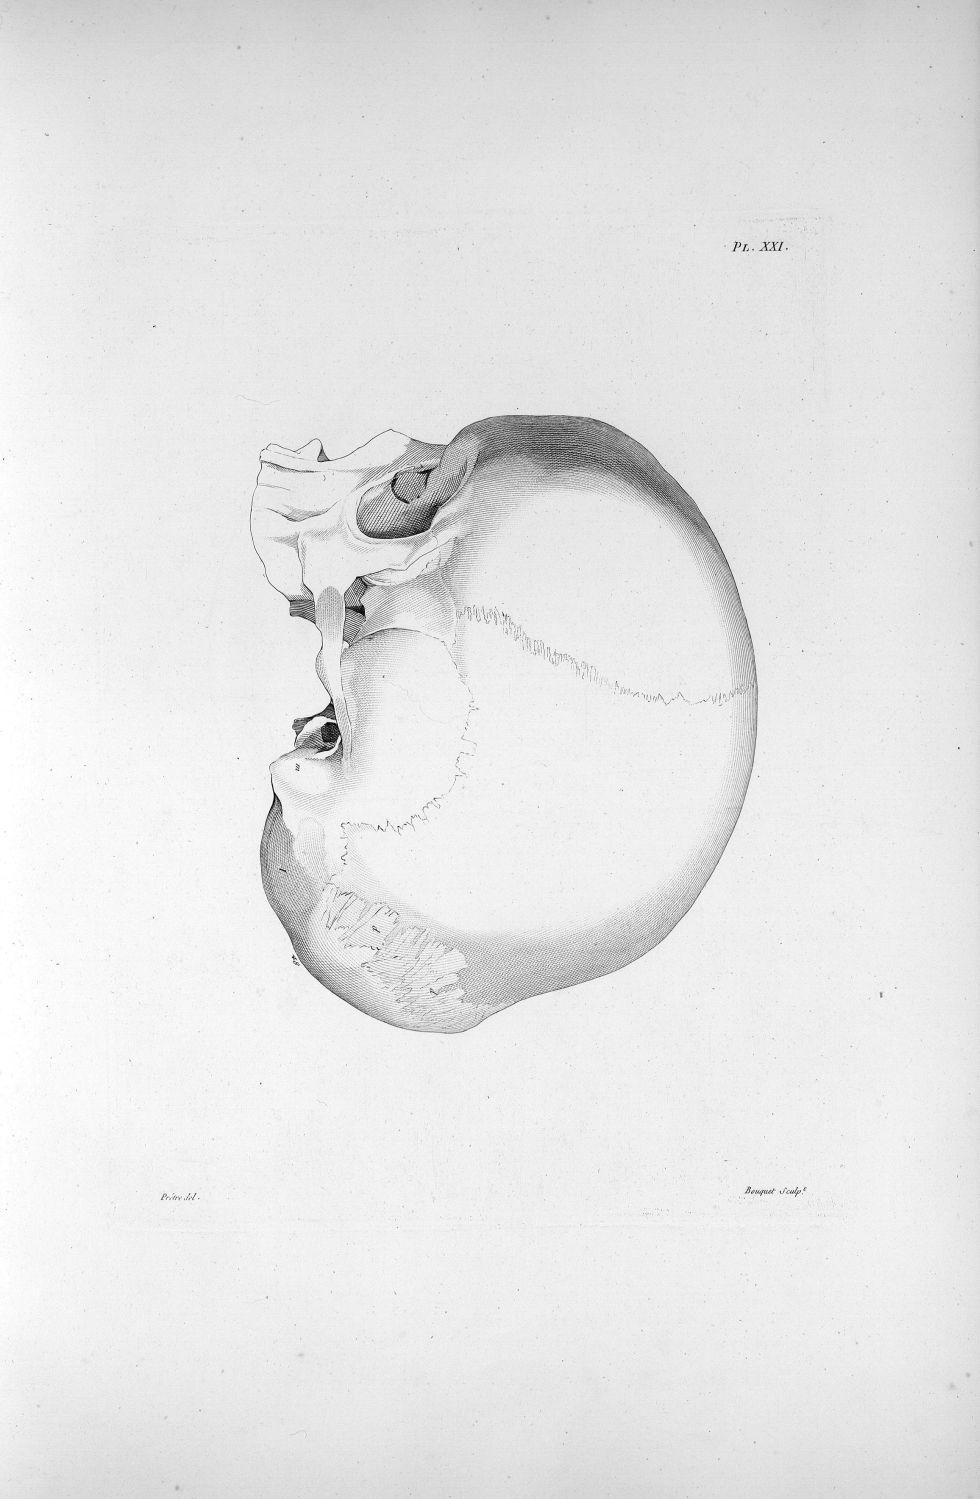 Pl. XXI. Crâne d'un crétin hydrocéphale en profil - Anatomie et physiologie du système nerveux en gé [...] - Anatomie. Neurologie. Crânes. Phrénologie. 19e siècle (France) - med00575xatlasx0031